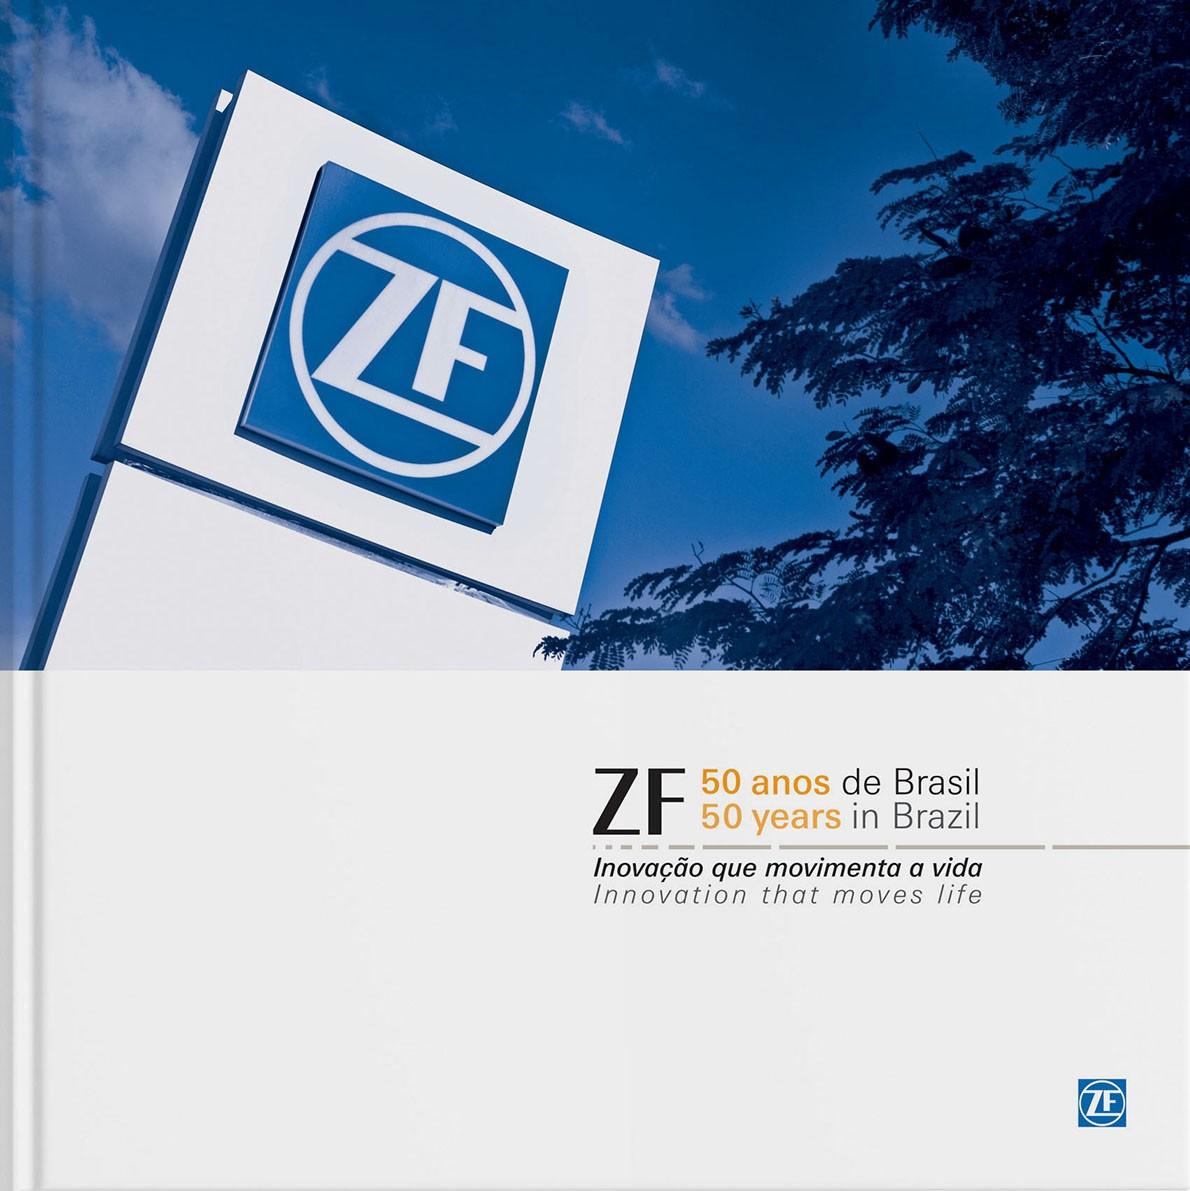 ZF 50 anos de Brasil